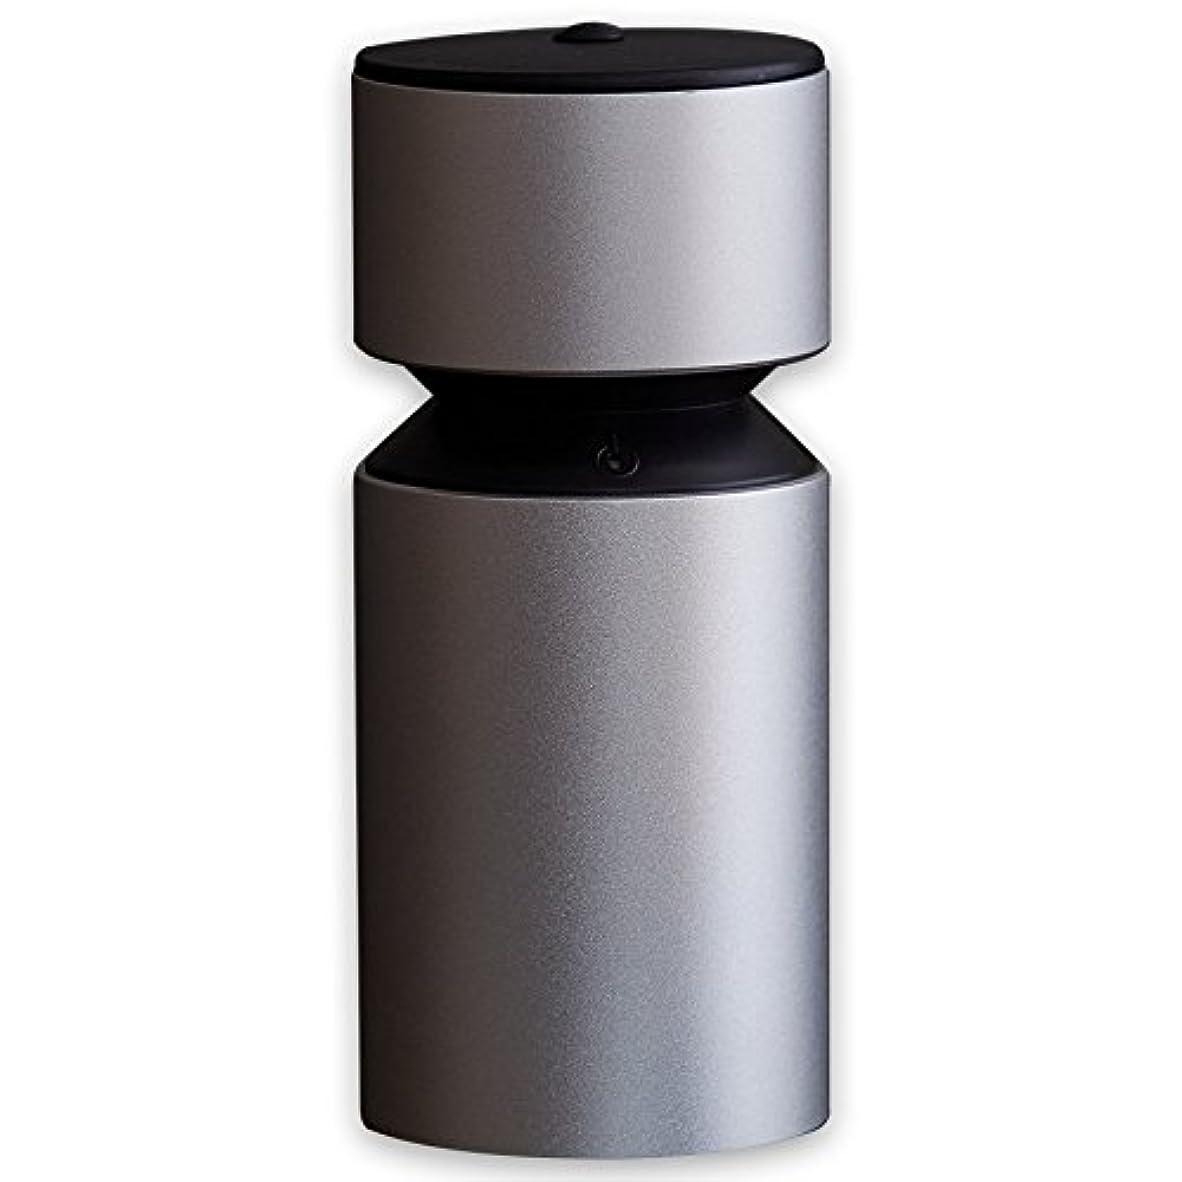 ポイント葉っぱヒョウアロマディフューザー UR-AROMA03 卓上 小型 加湿器 Uruon(ウルオン) オーガニックアロマオイル対応 天然アロマオイル AROMA ポータブル usb コンパクト 充電式 タンブラー 2way アロマドロップ方式